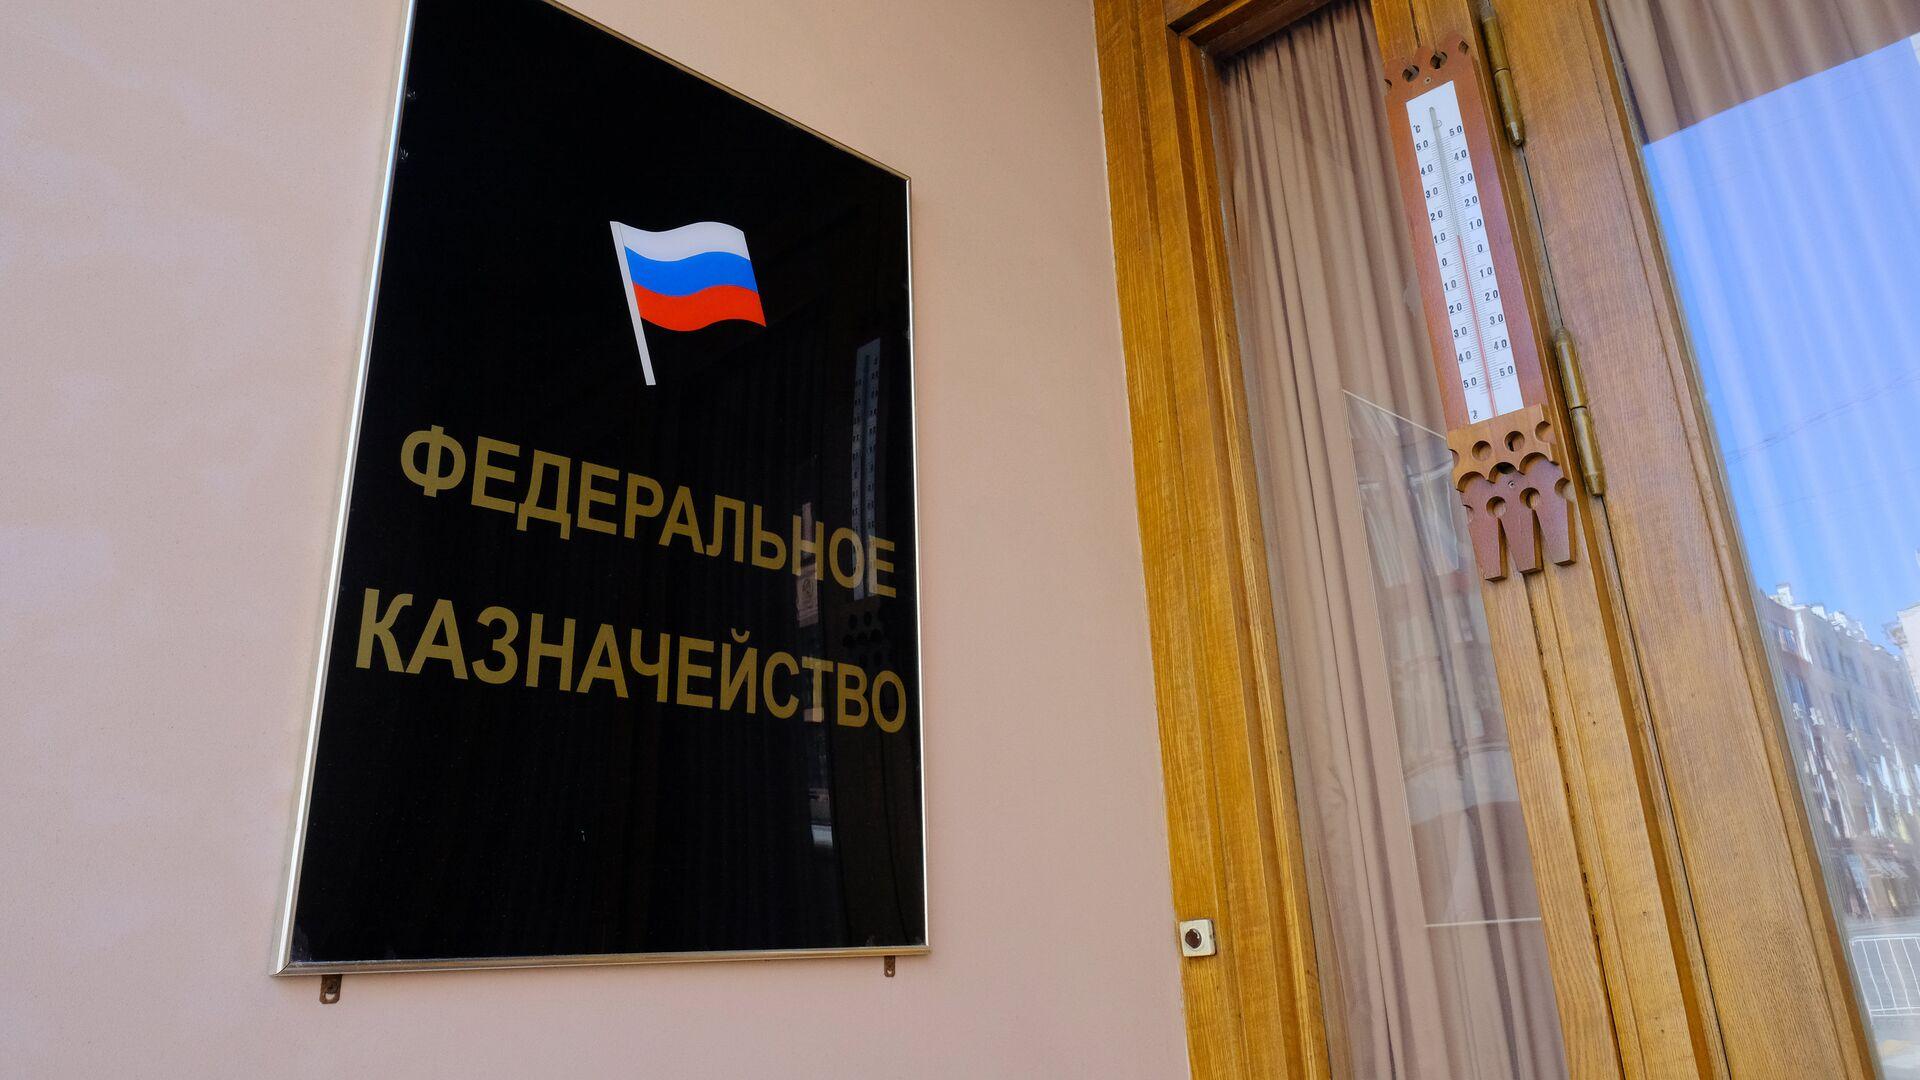 Табличка у входа в здание Федерального Казначейства - РИА Новости, 1920, 18.02.2021